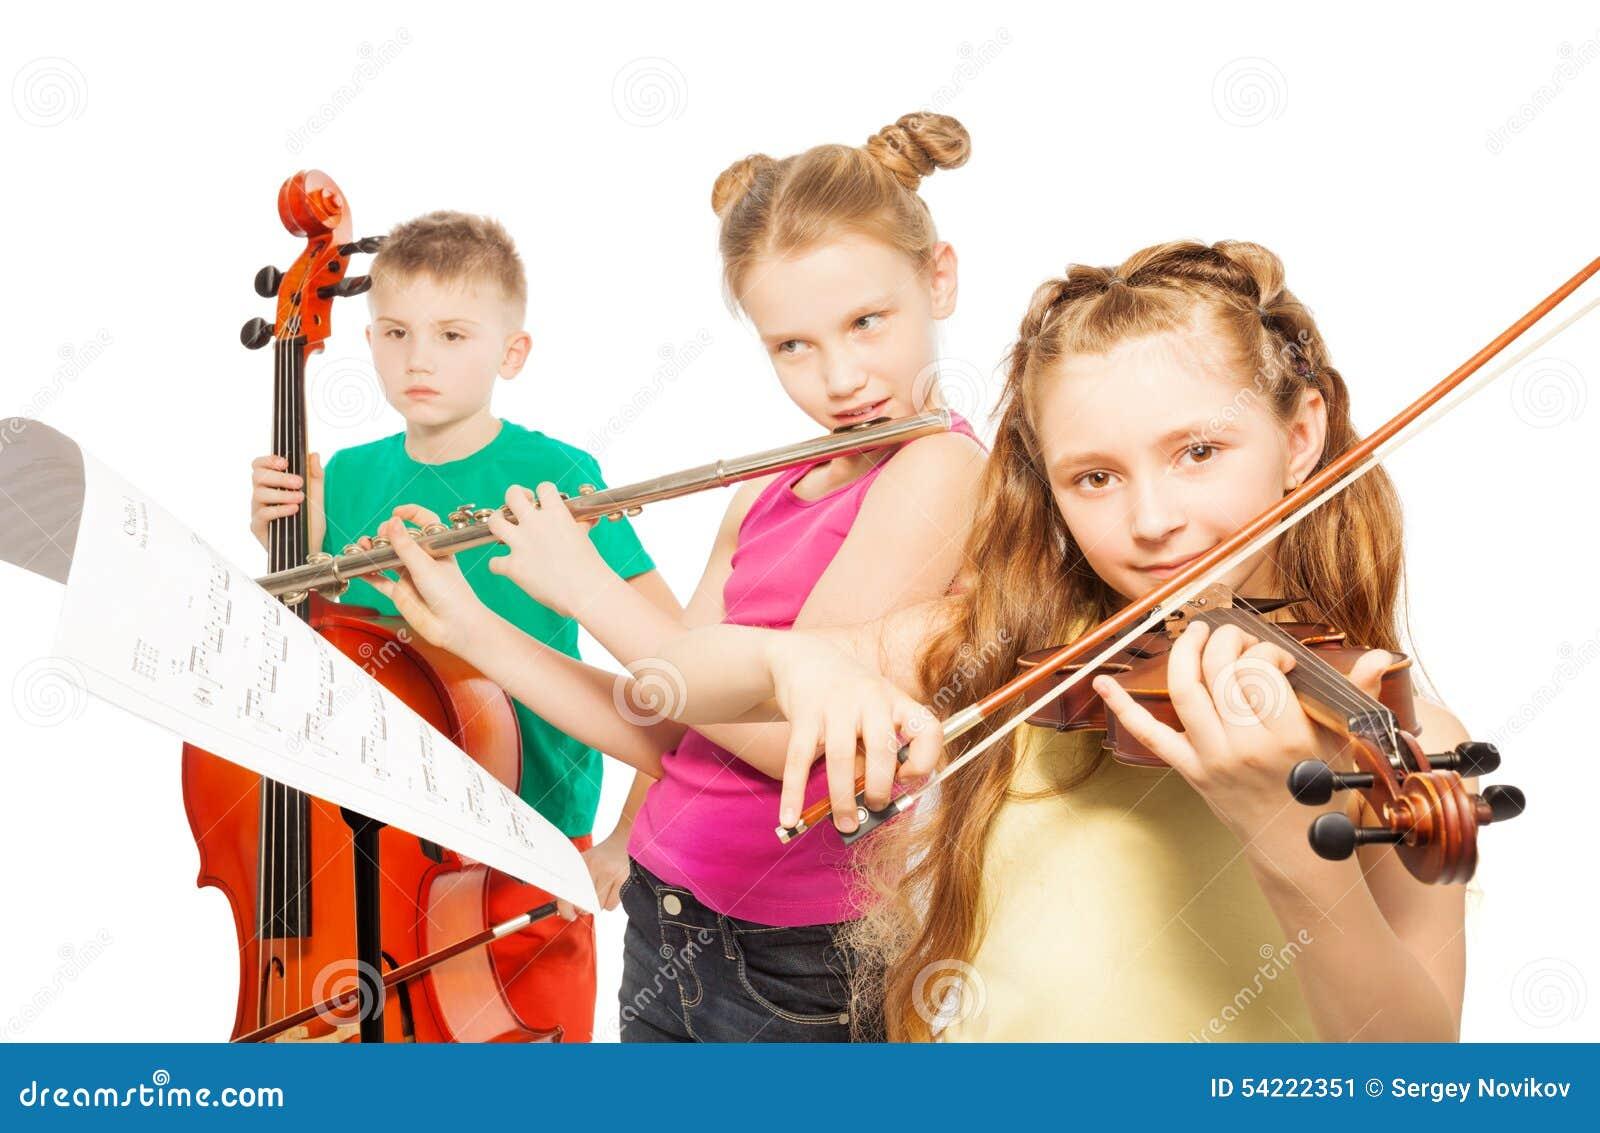 Strumenti musicali del gioco dei bambini su fondo bianco